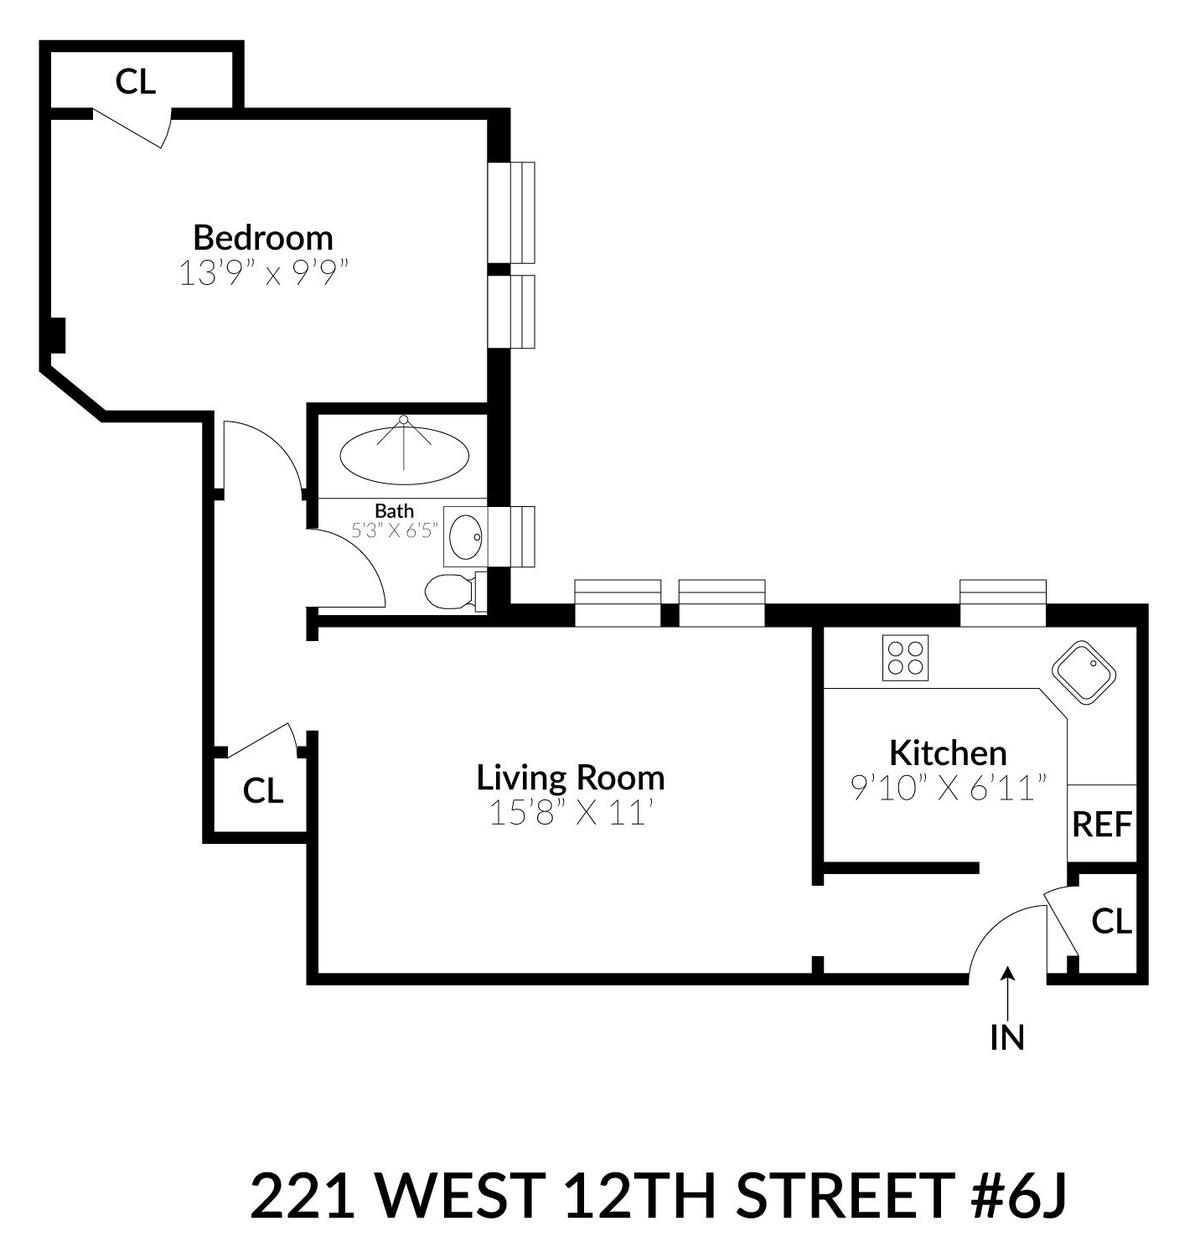 Streeteasy 221 West 12th Street In West Village 6j